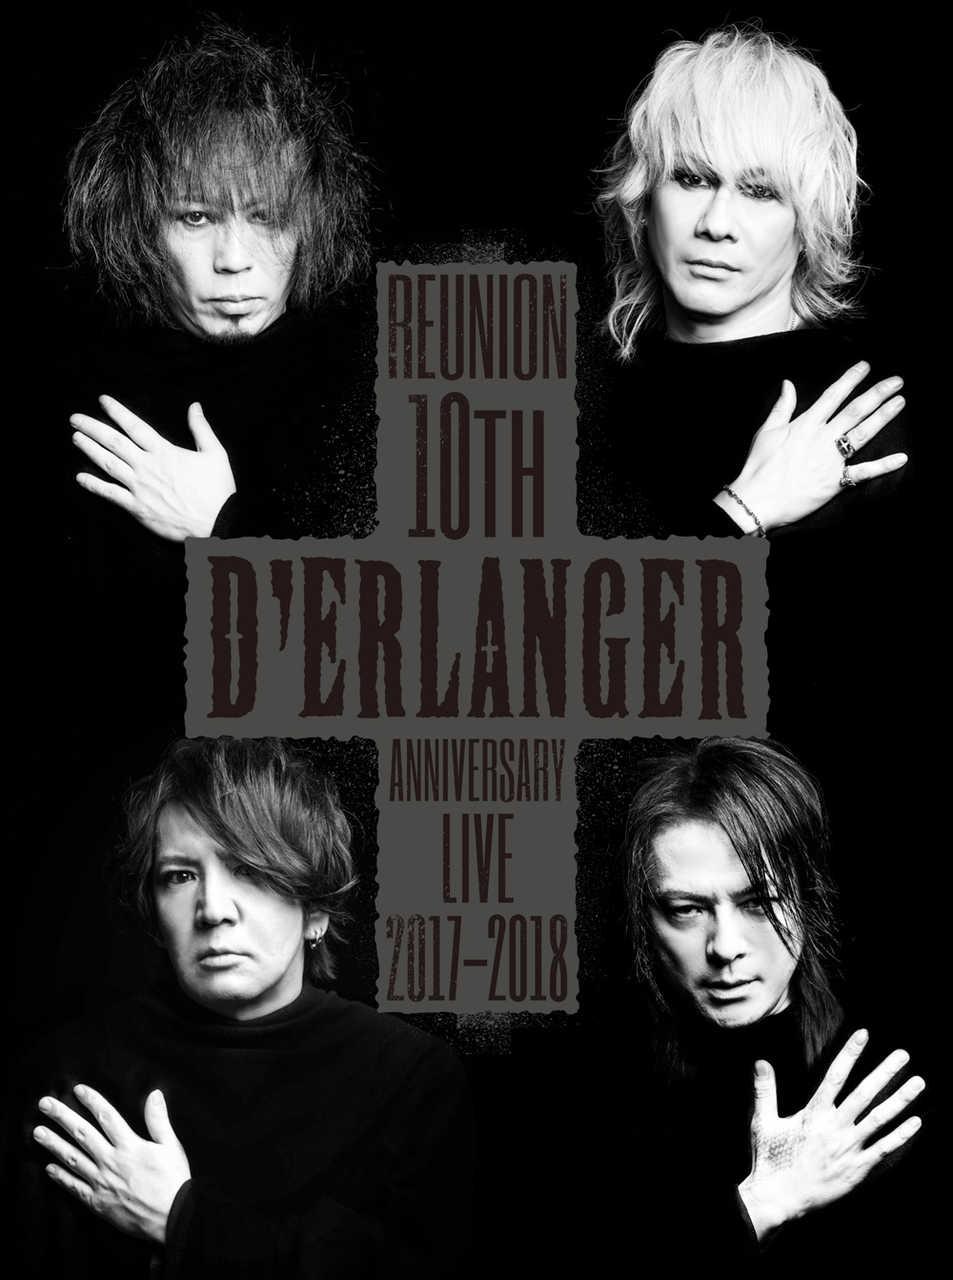 映像作品『D'ERLANGER REUNION 10TH ANNIVERSARY LIVE 2017-2018』【2DVD】